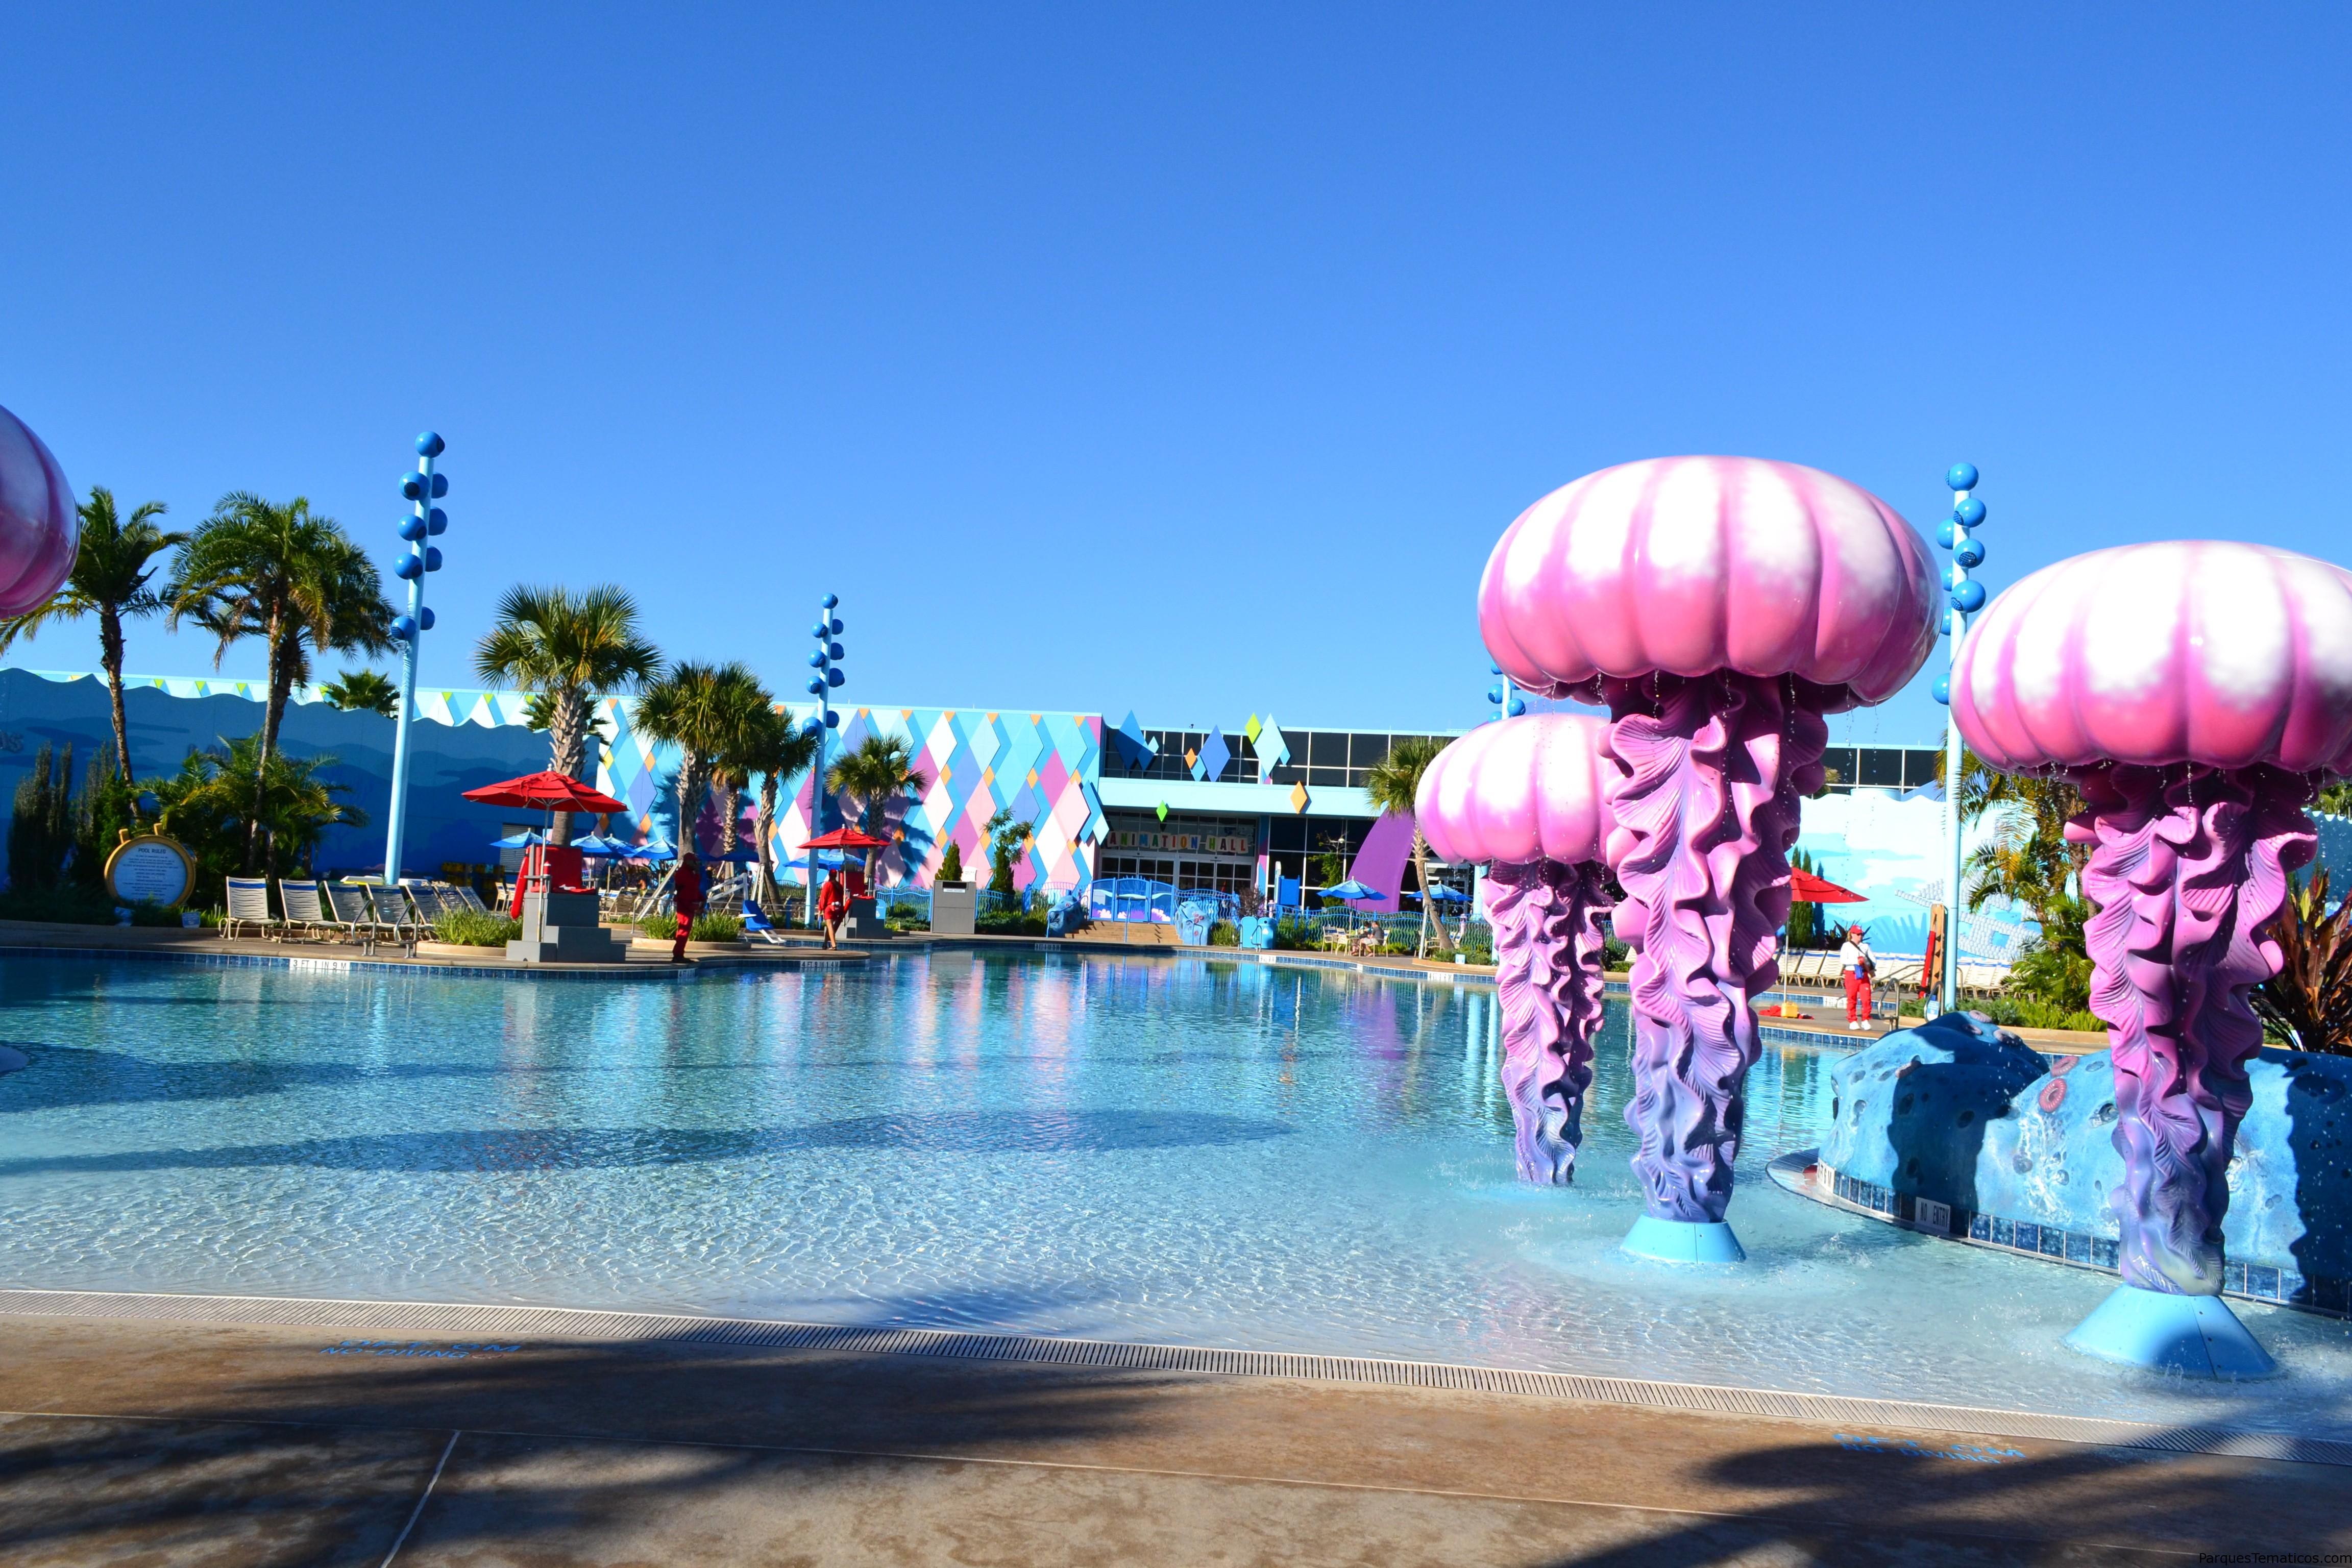 Una de las vistas de la piscina de La Sirenita